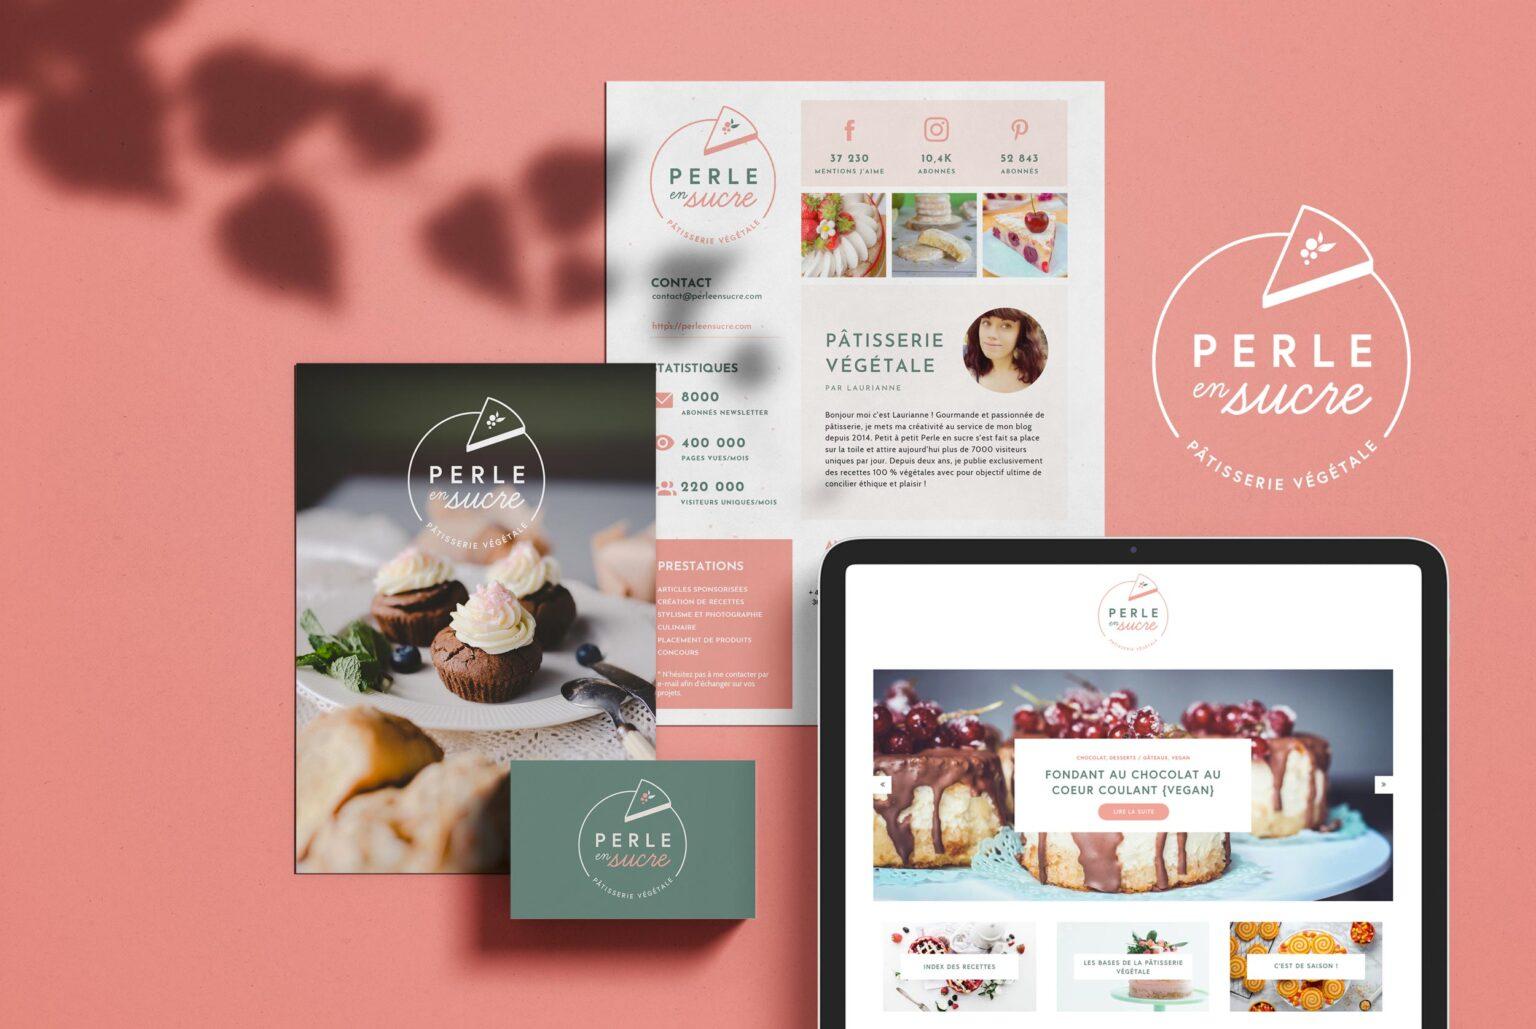 Blog pâtisserie Perle en sucre identité visuelle logo et webdesign du blog